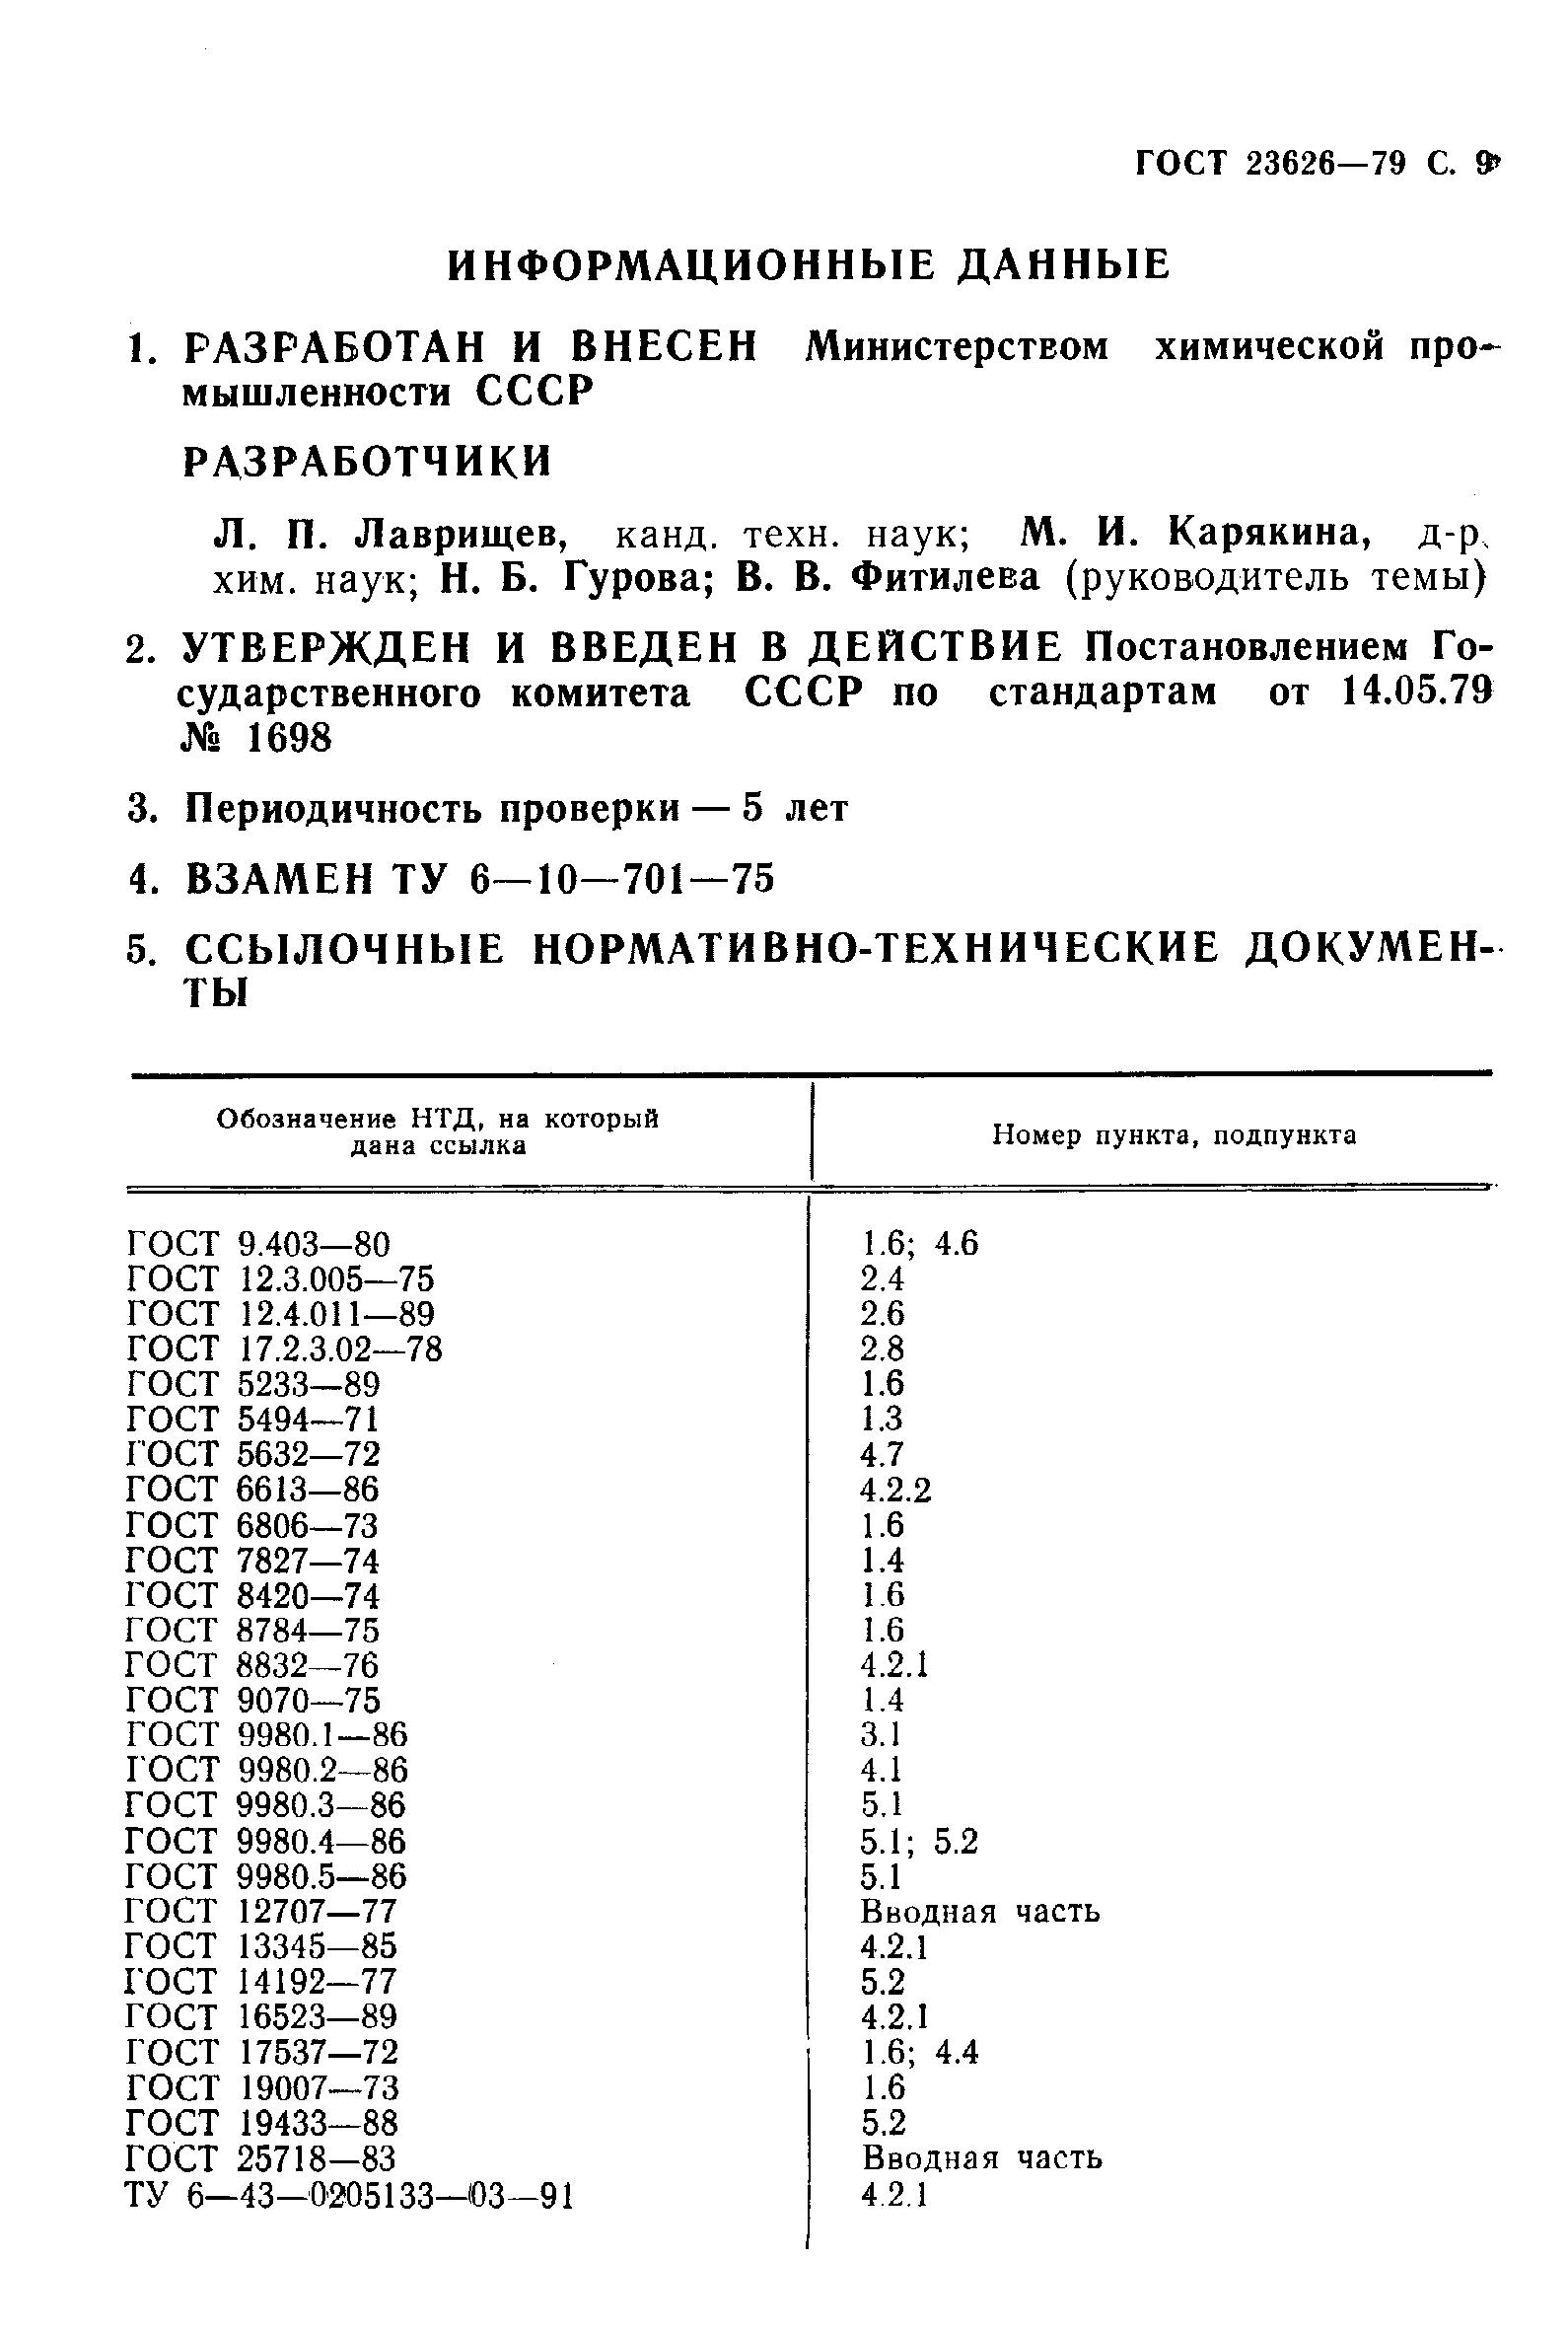 ГОСТ 23626-79. Страница 10